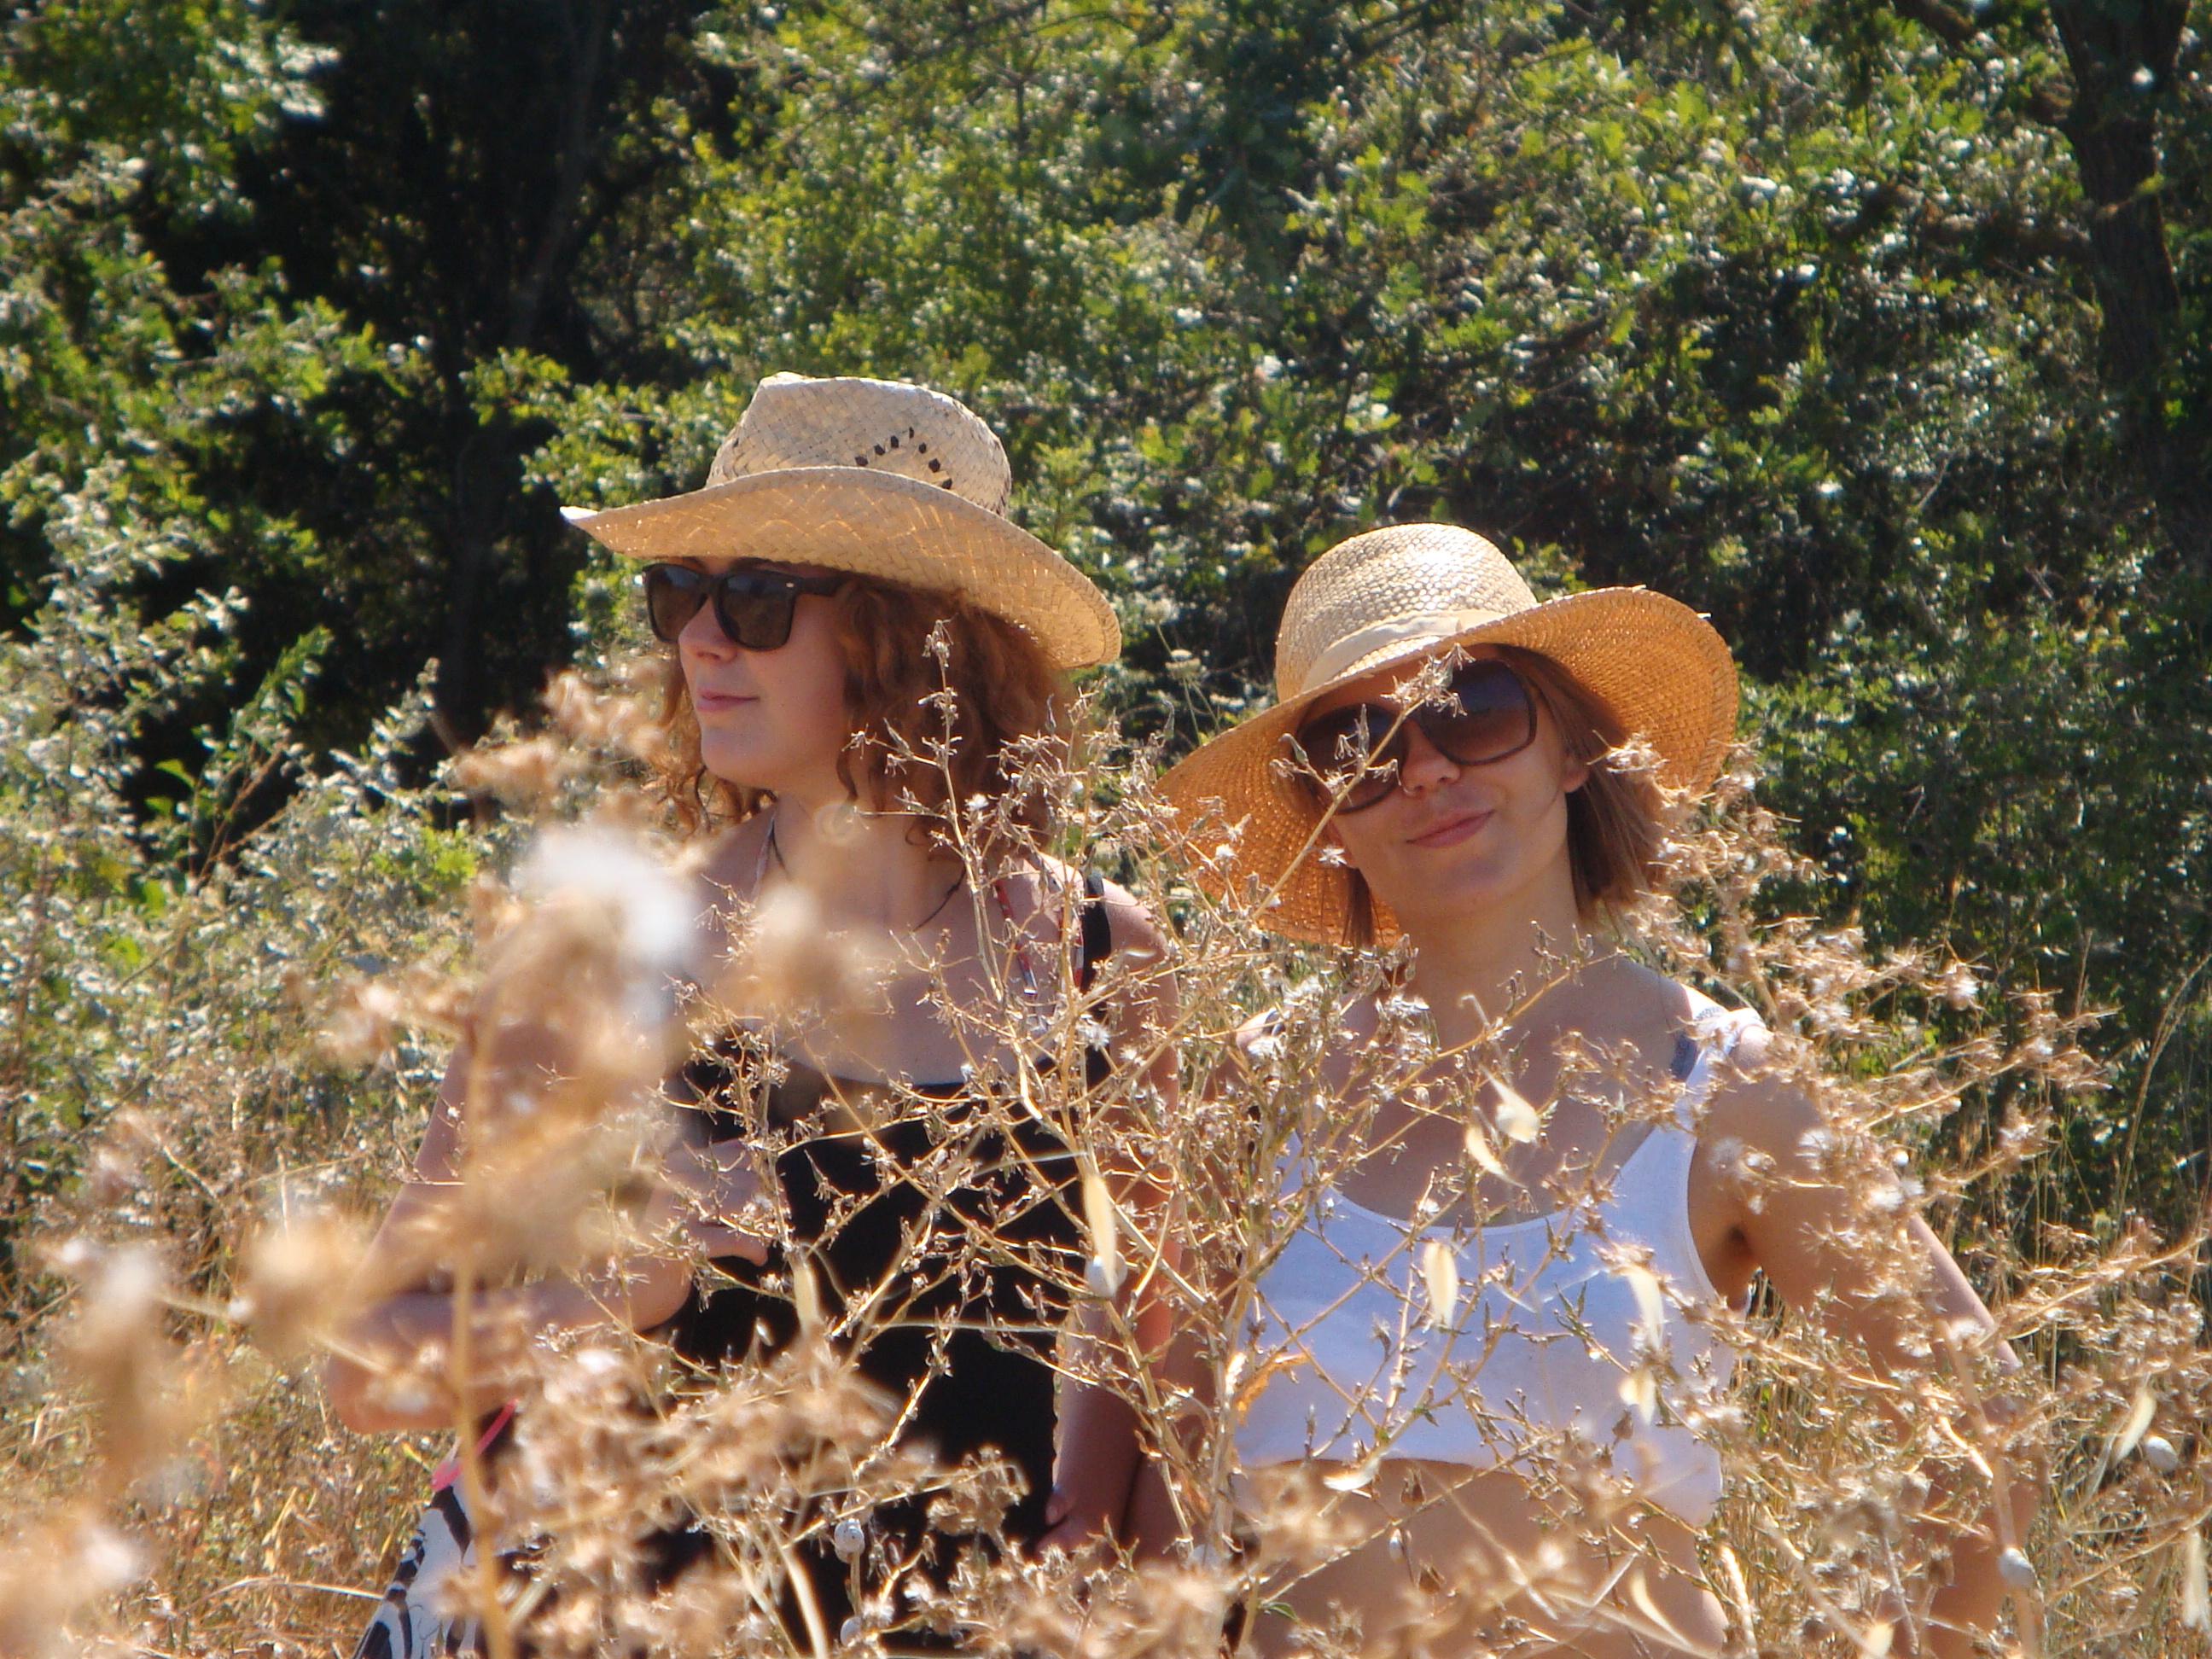 Clarissa Scheve und Julia Zimmermann erzählen die Geschichte von zwei Kindern, die den Grusel-Faktor von Werder an der Havel untersuchen. Foto: KulturGarage Werder